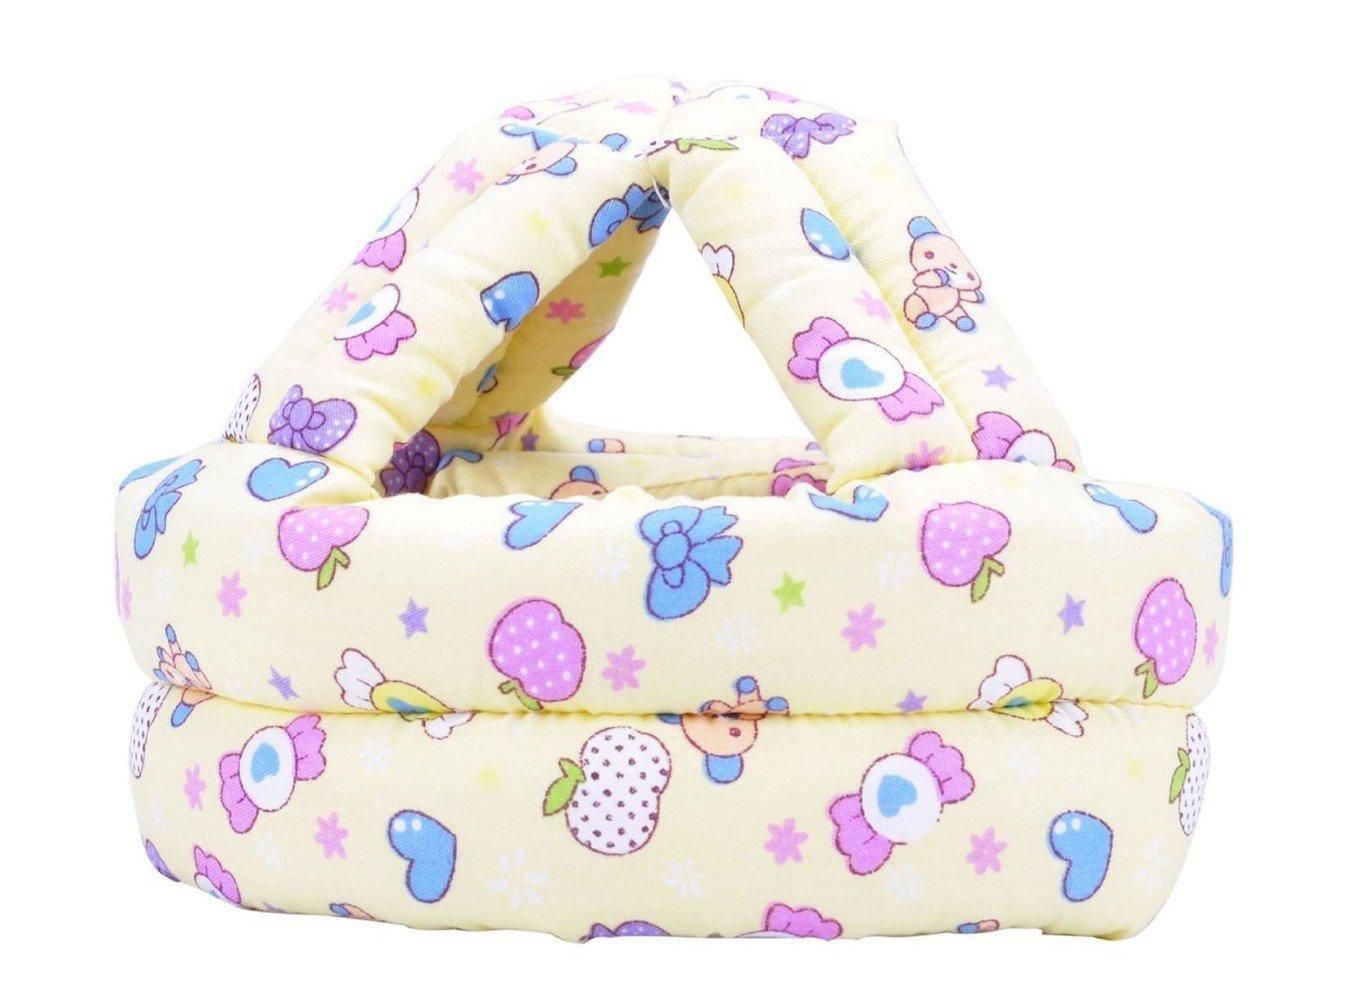 TININNA Casque Chapeau Sécurité Bébé Casque de Protection Mou Bébé Sécurité Domestique Anti Choc Douce Confortable #1